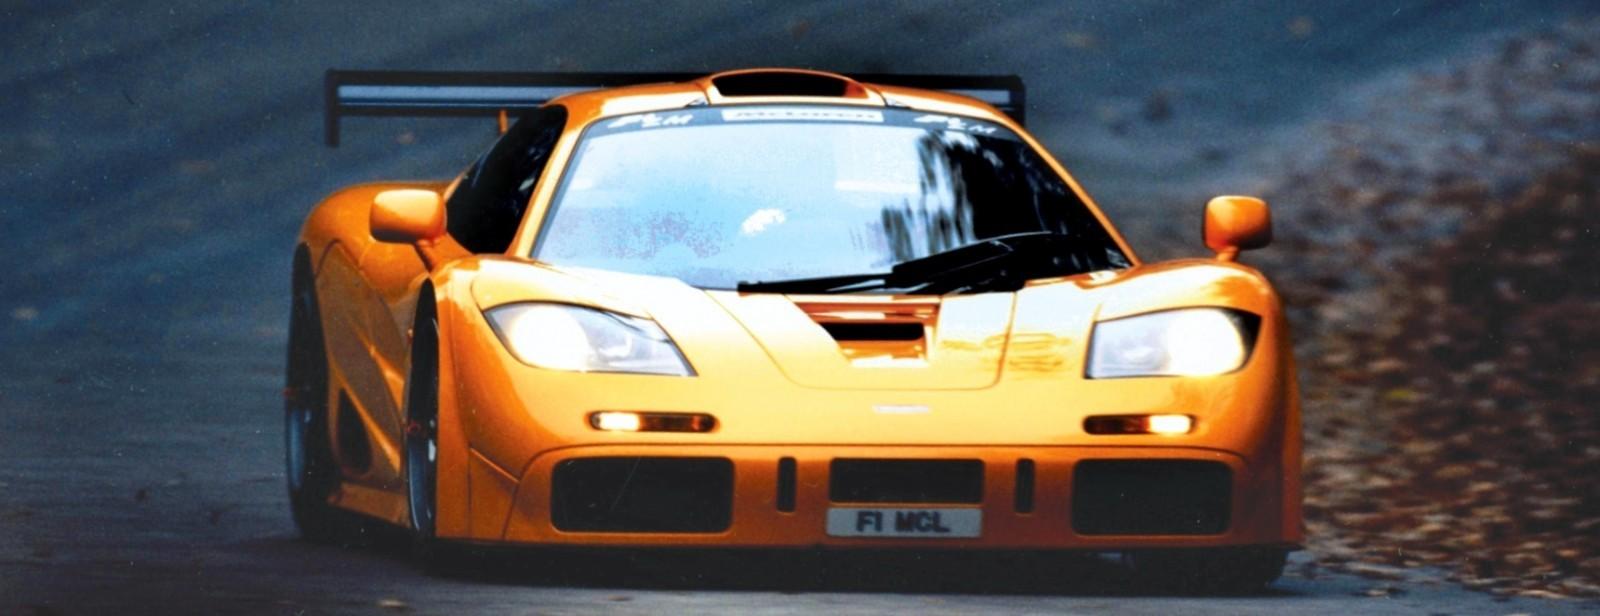 CarRevsDaily - Supercar Legends - McLaren F1 Wallpaper 3